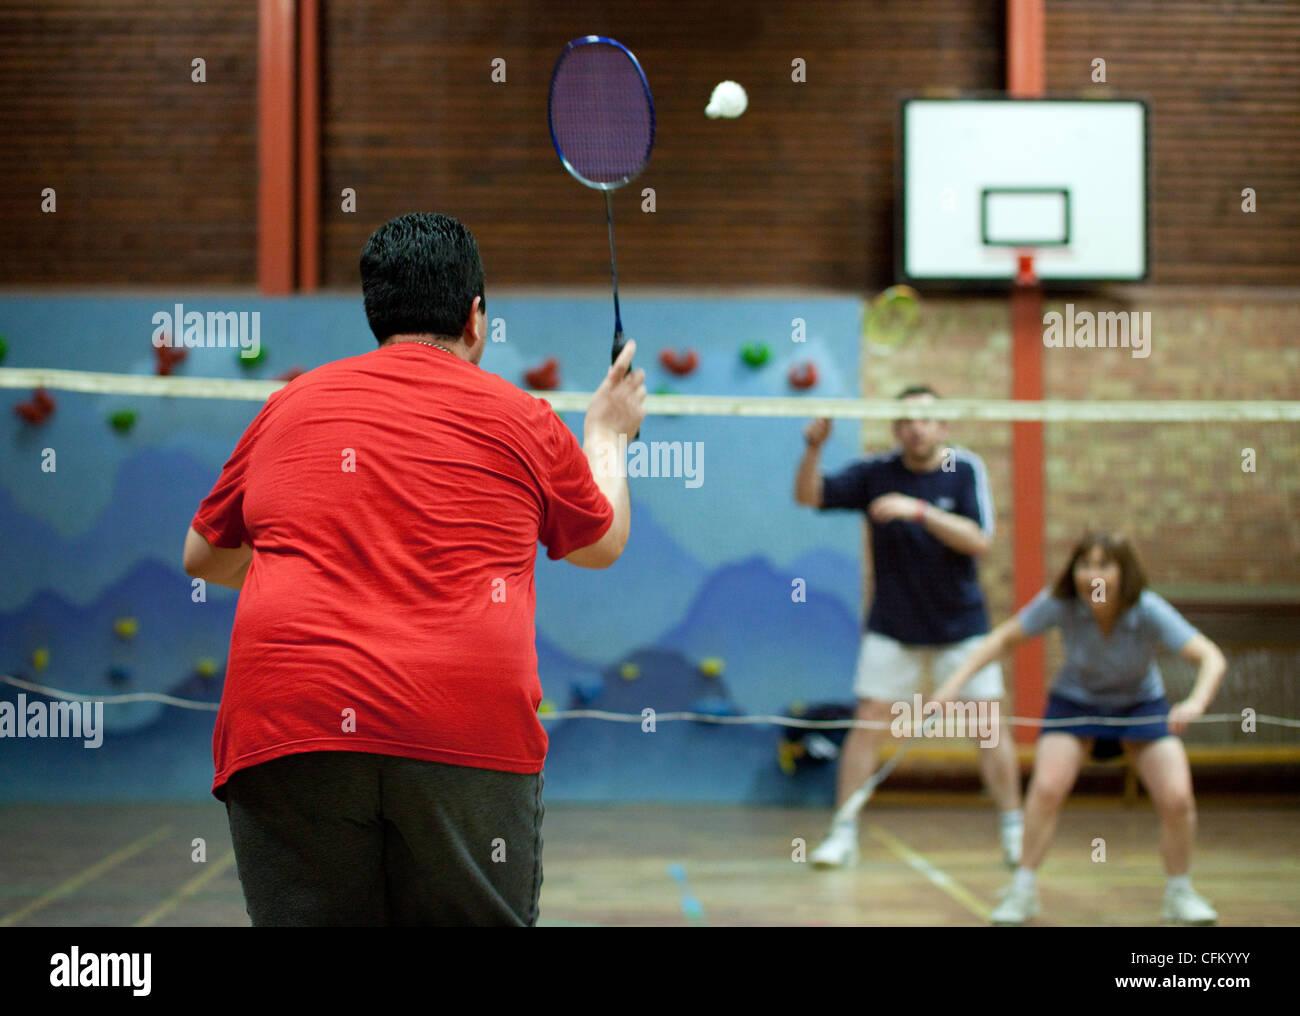 Un hombre con sobrepeso jugar bádminton para ejercer, REINO UNIDO Imagen De Stock